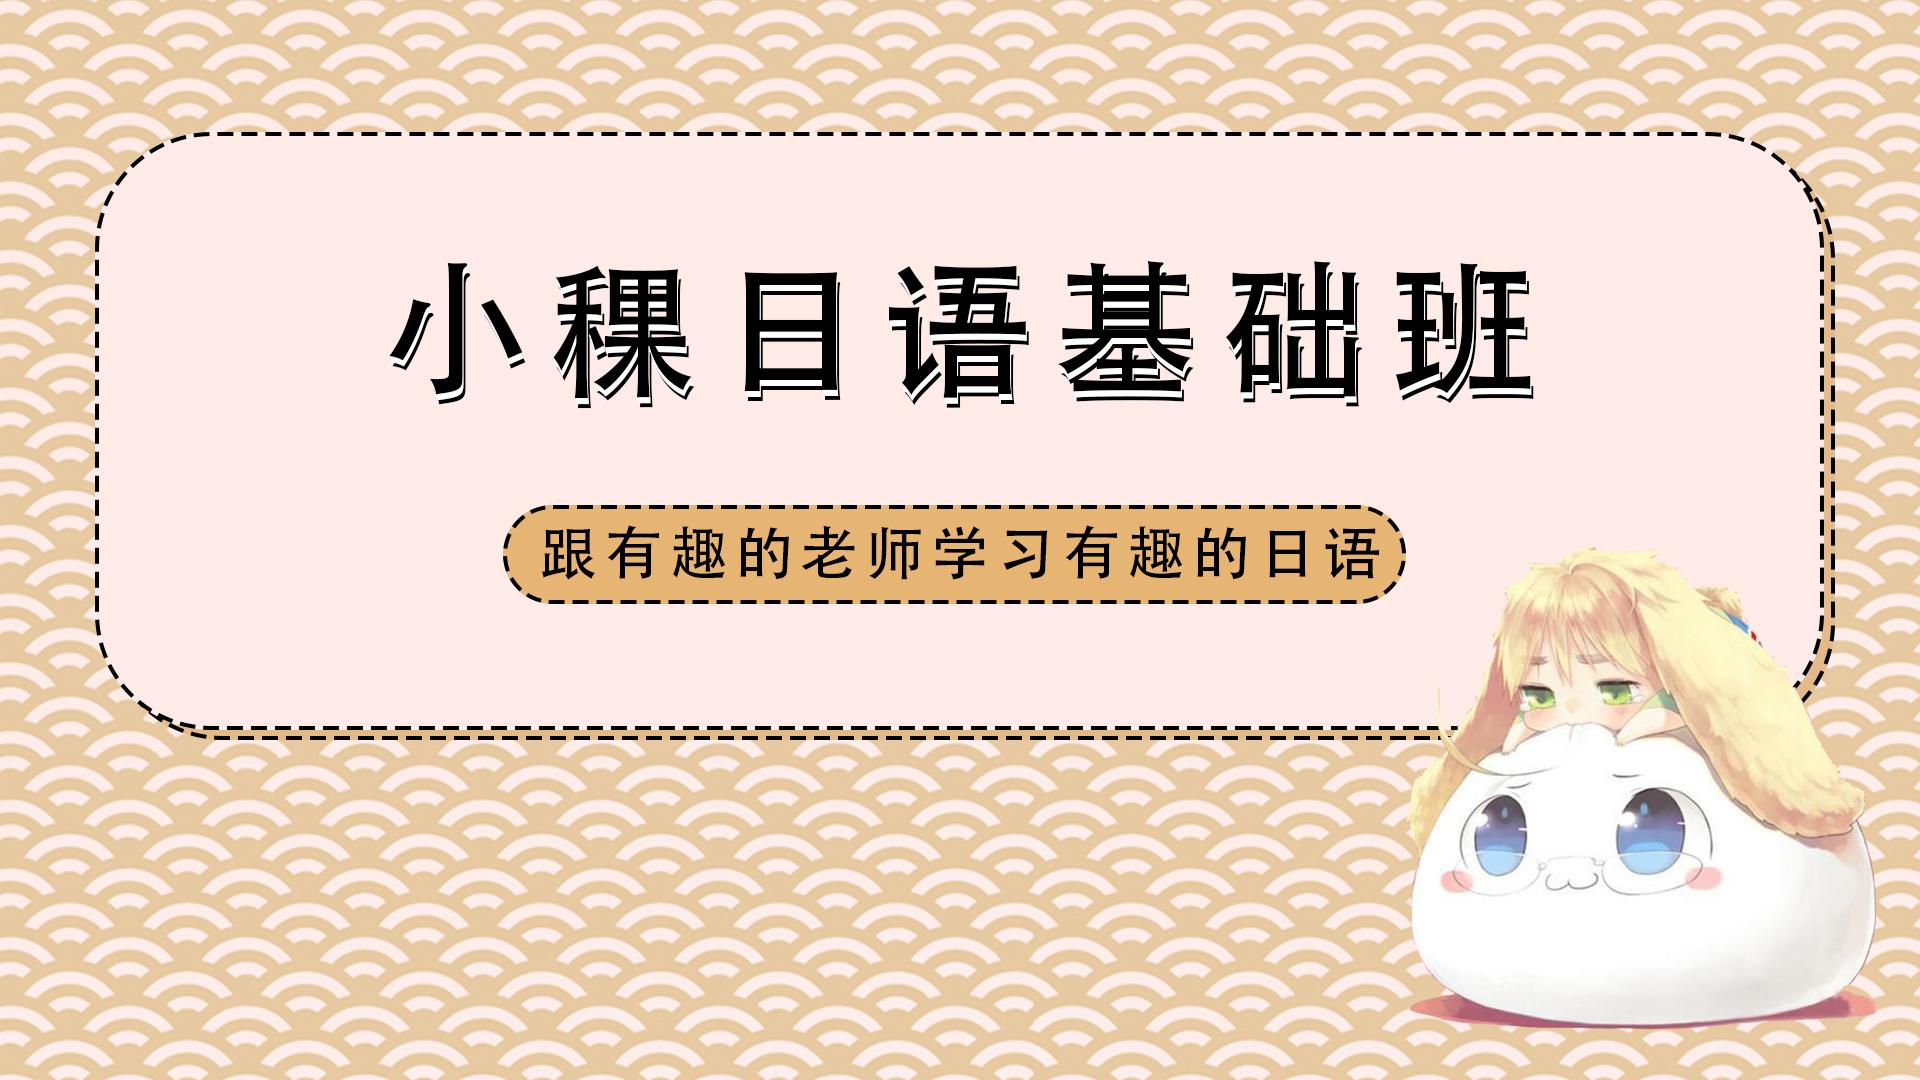 小稞日语学习社